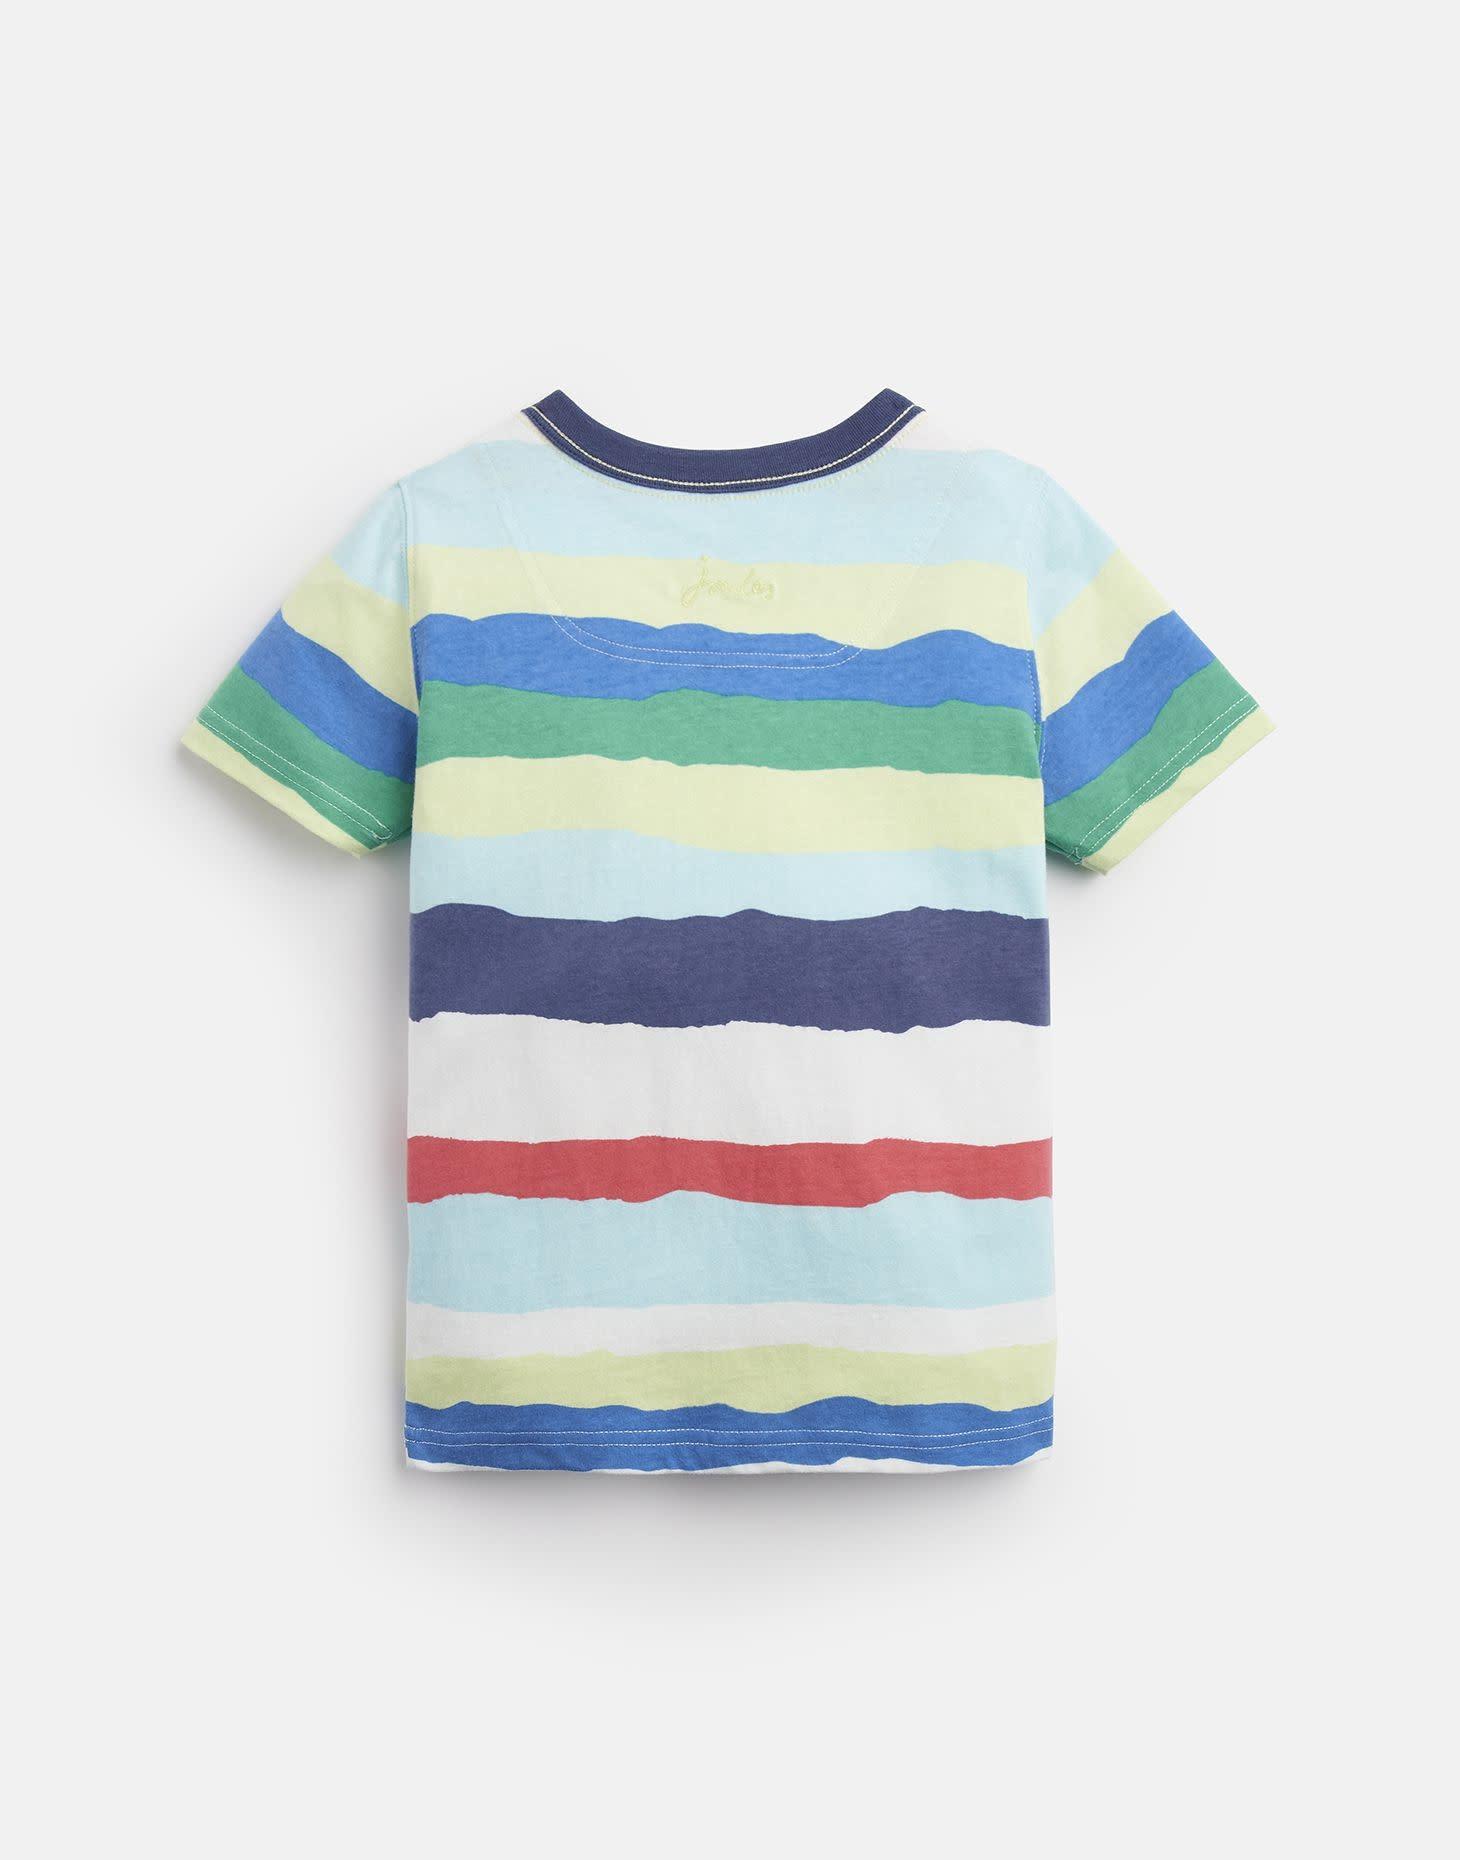 Joules Caspian Shirt Multi Color Paper Stripe